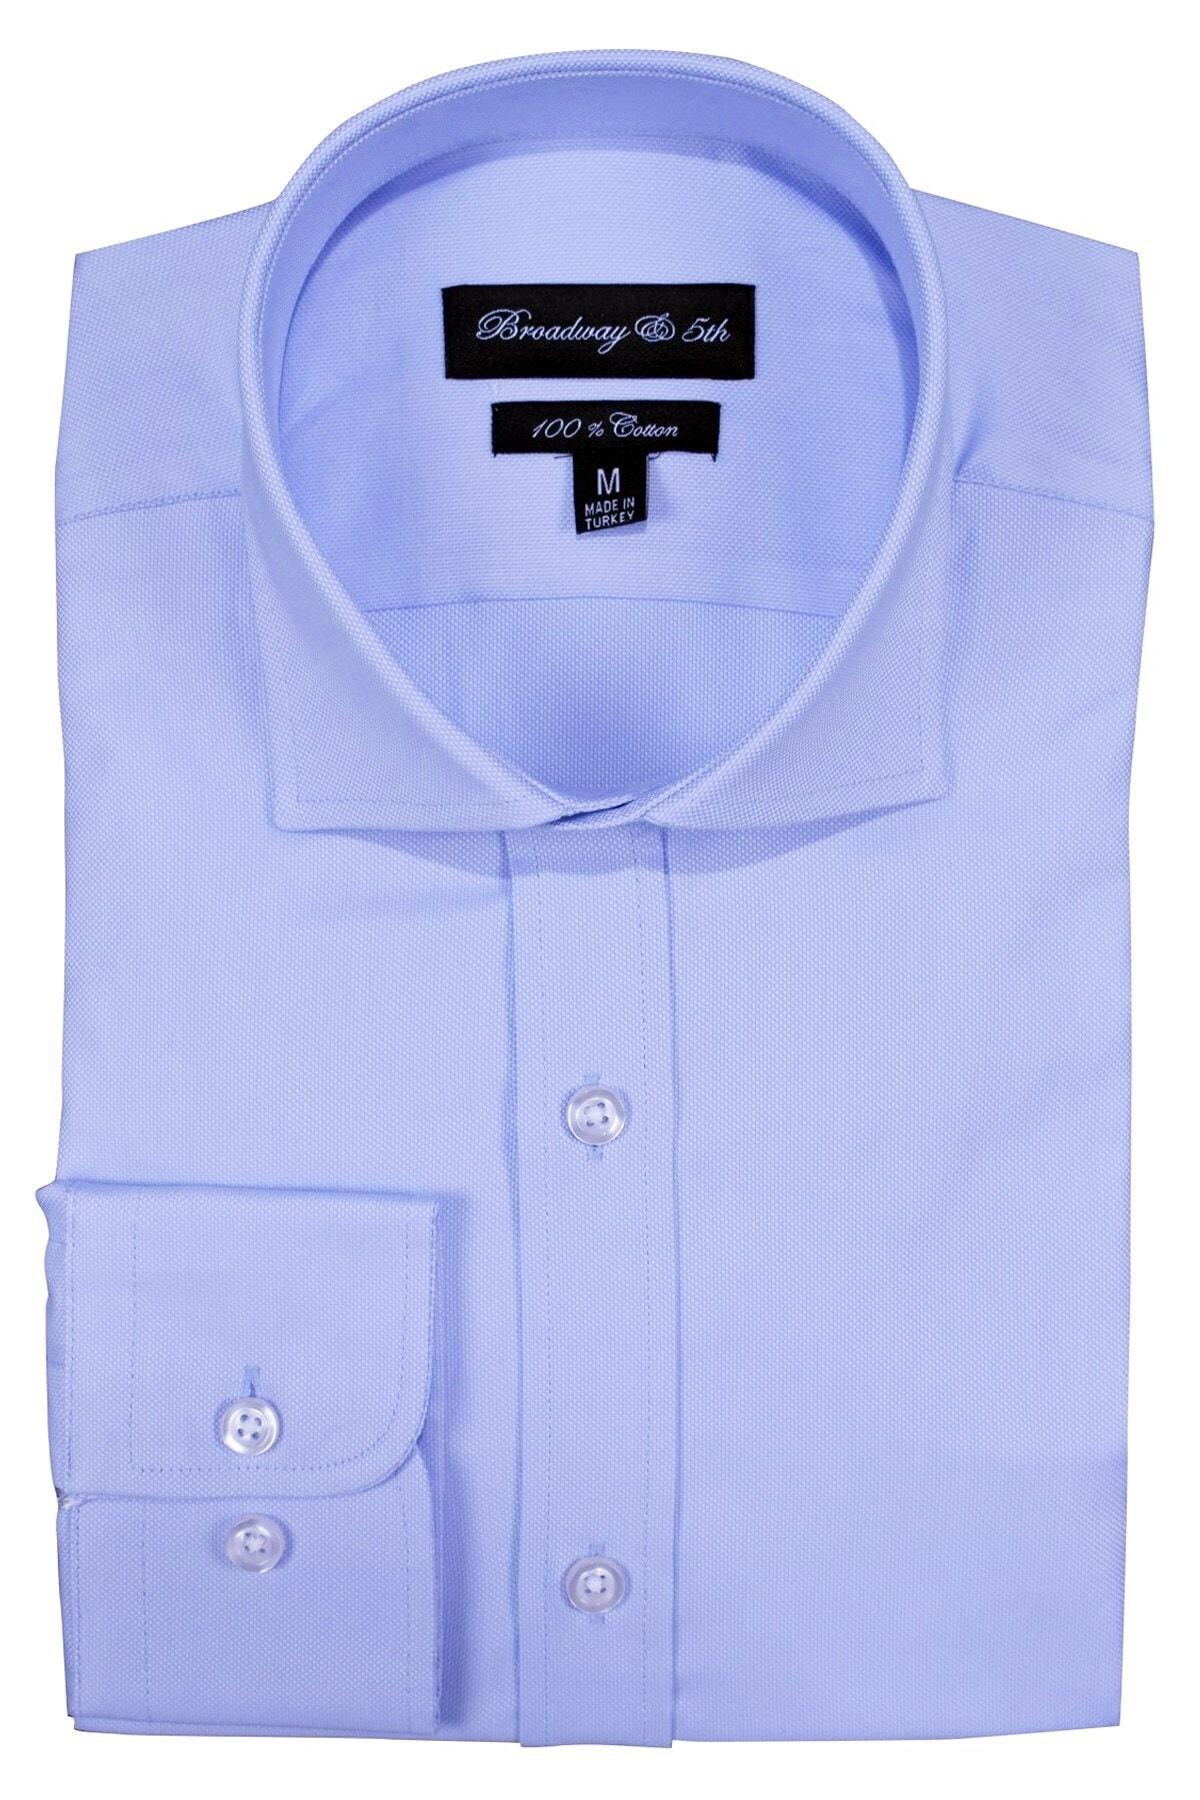 Ottomoda Broadway Premium Kalite Uzun Kollu Klasik Erkek Gömlek Sky 2